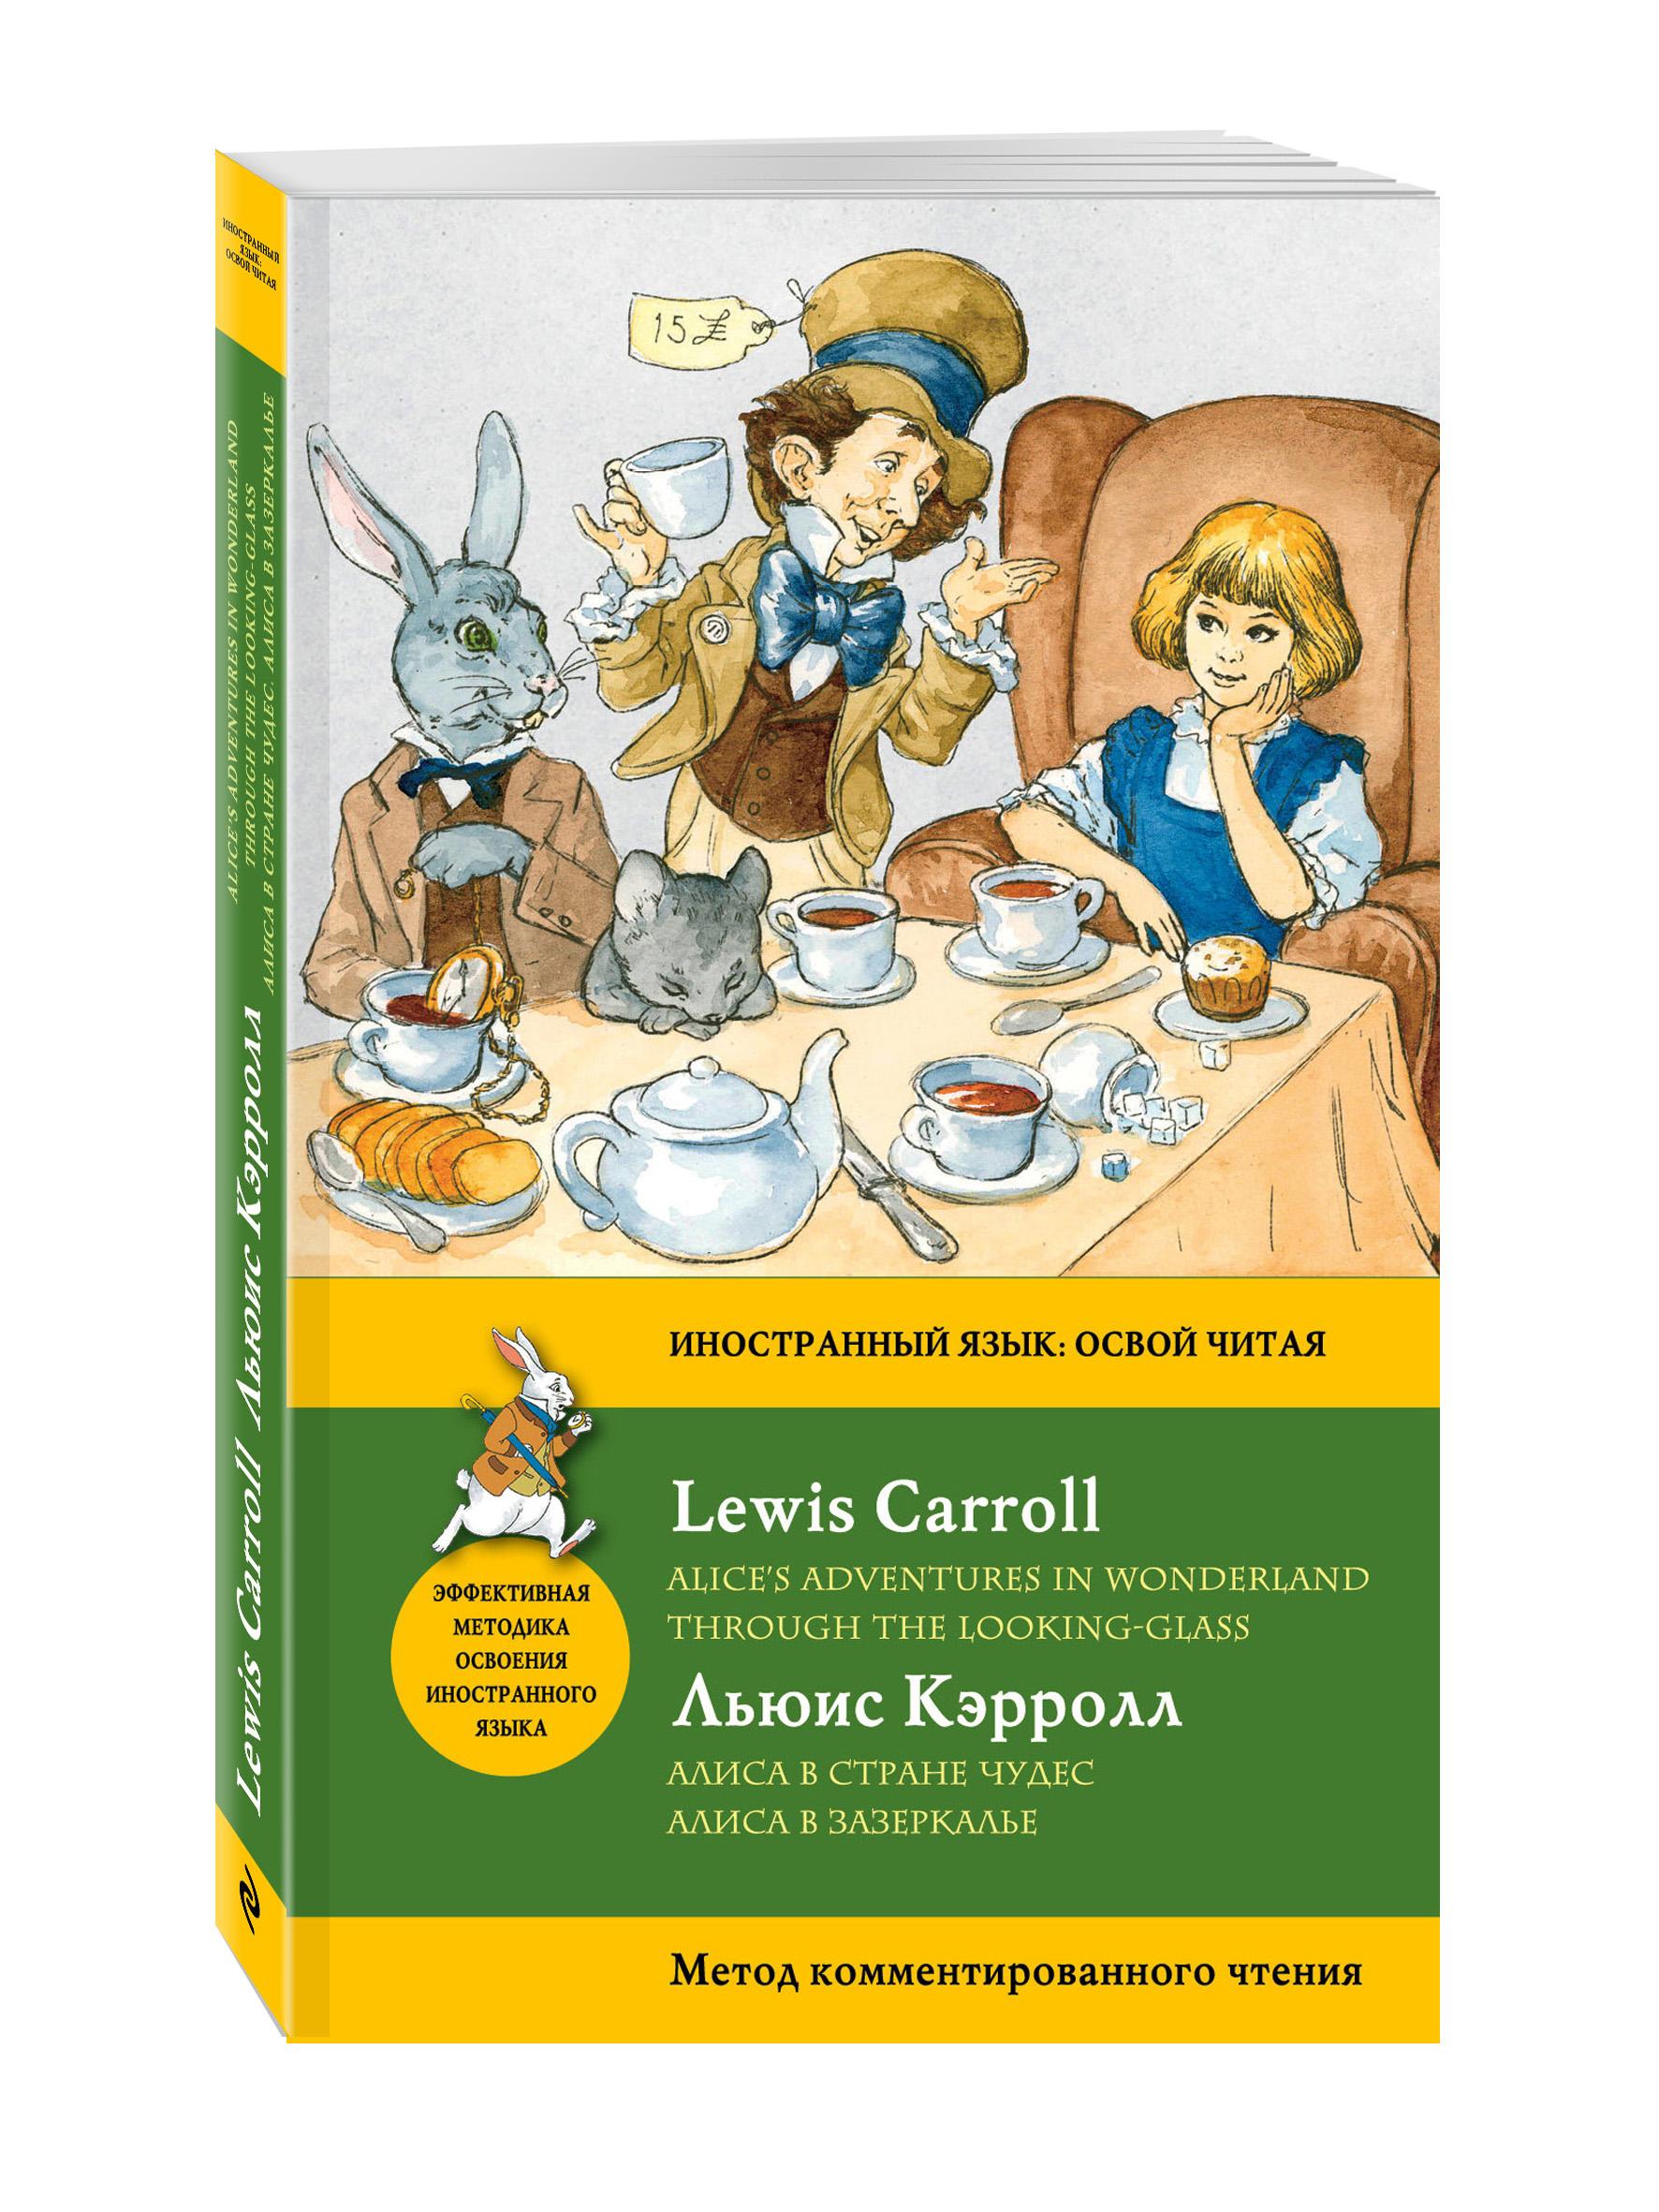 Кэрролл Л. Алиса в Стране чудес. Алиса в Зазеркалье = Alice's Adventures in Wonderland. Through the Looking-Glass. Метод комментированного чтения